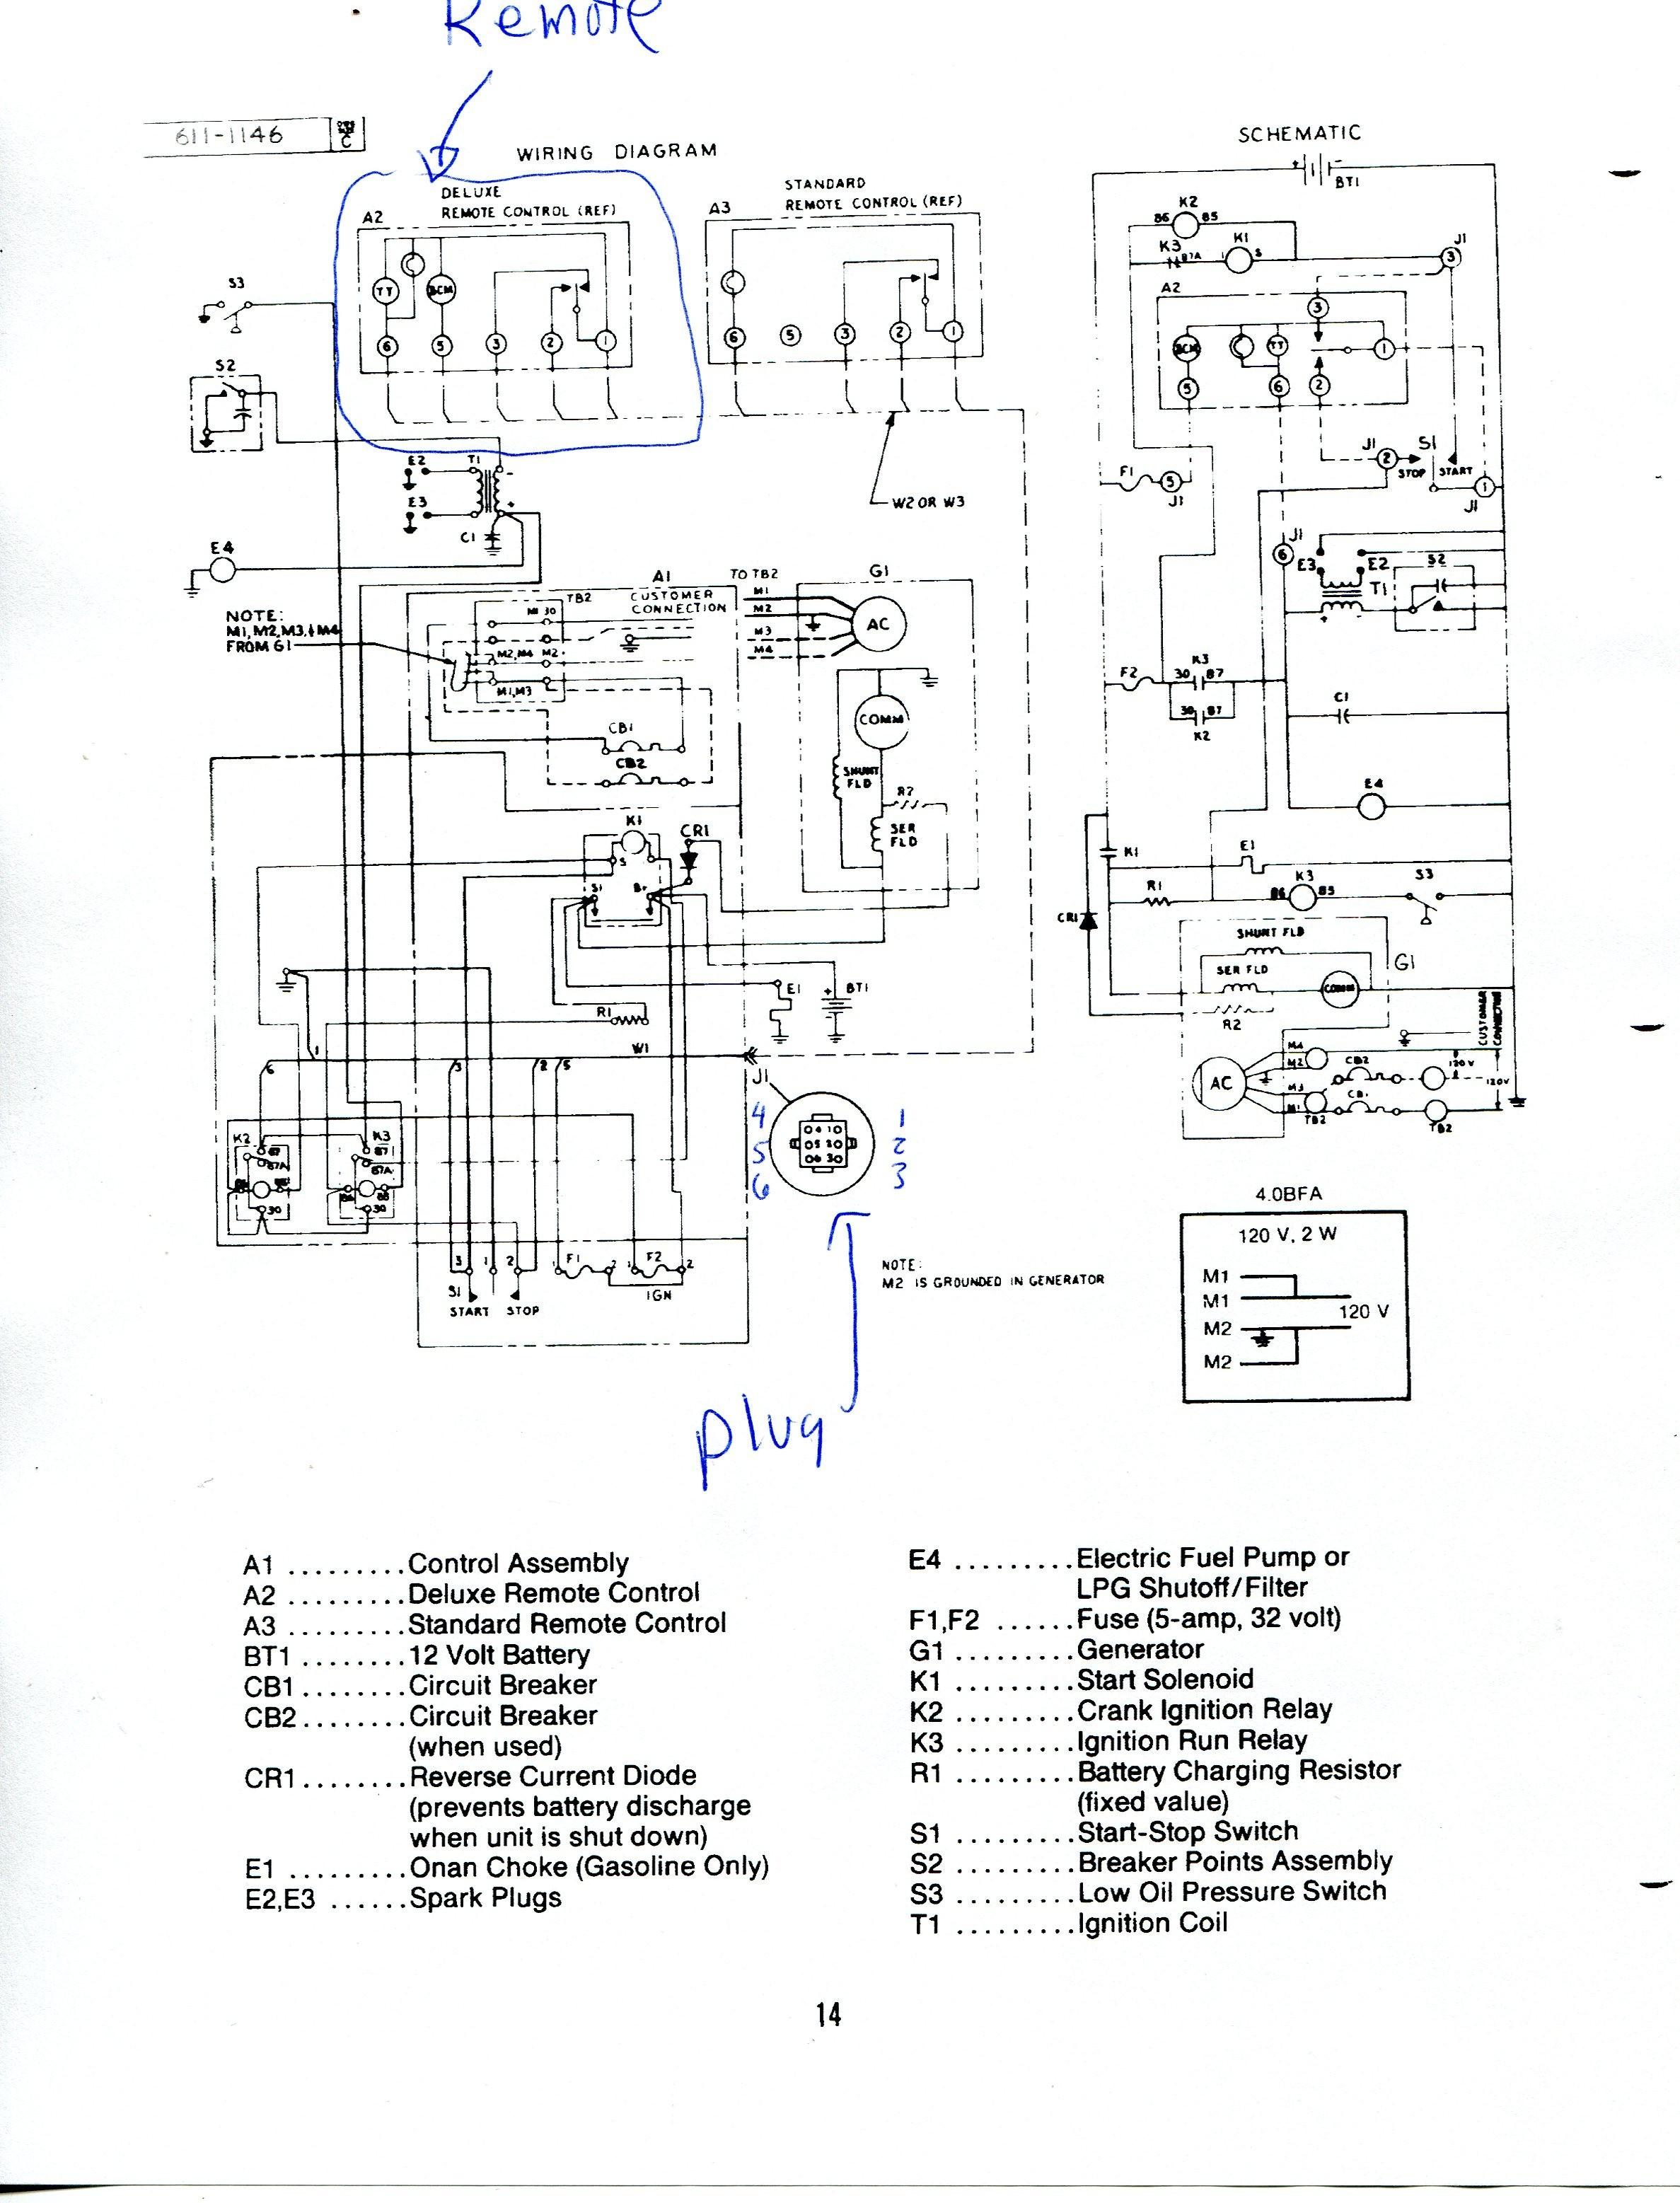 Remote Starter Wiring Diagrams Remote Start Wiring Diagrams originalstylophone Of Remote Starter Wiring Diagrams